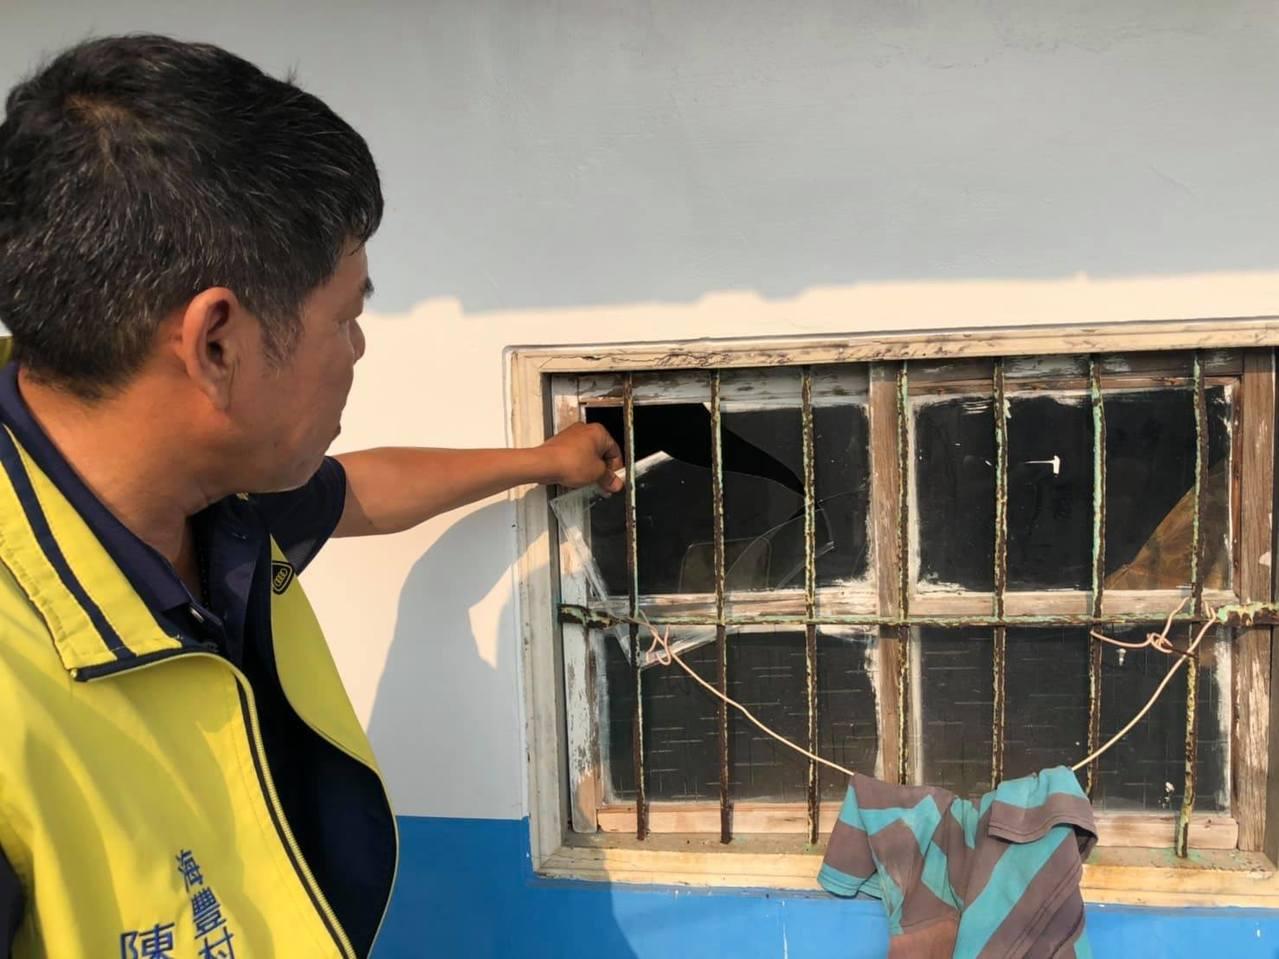 居民住家玻璃破裂。記者李京昇/攝影